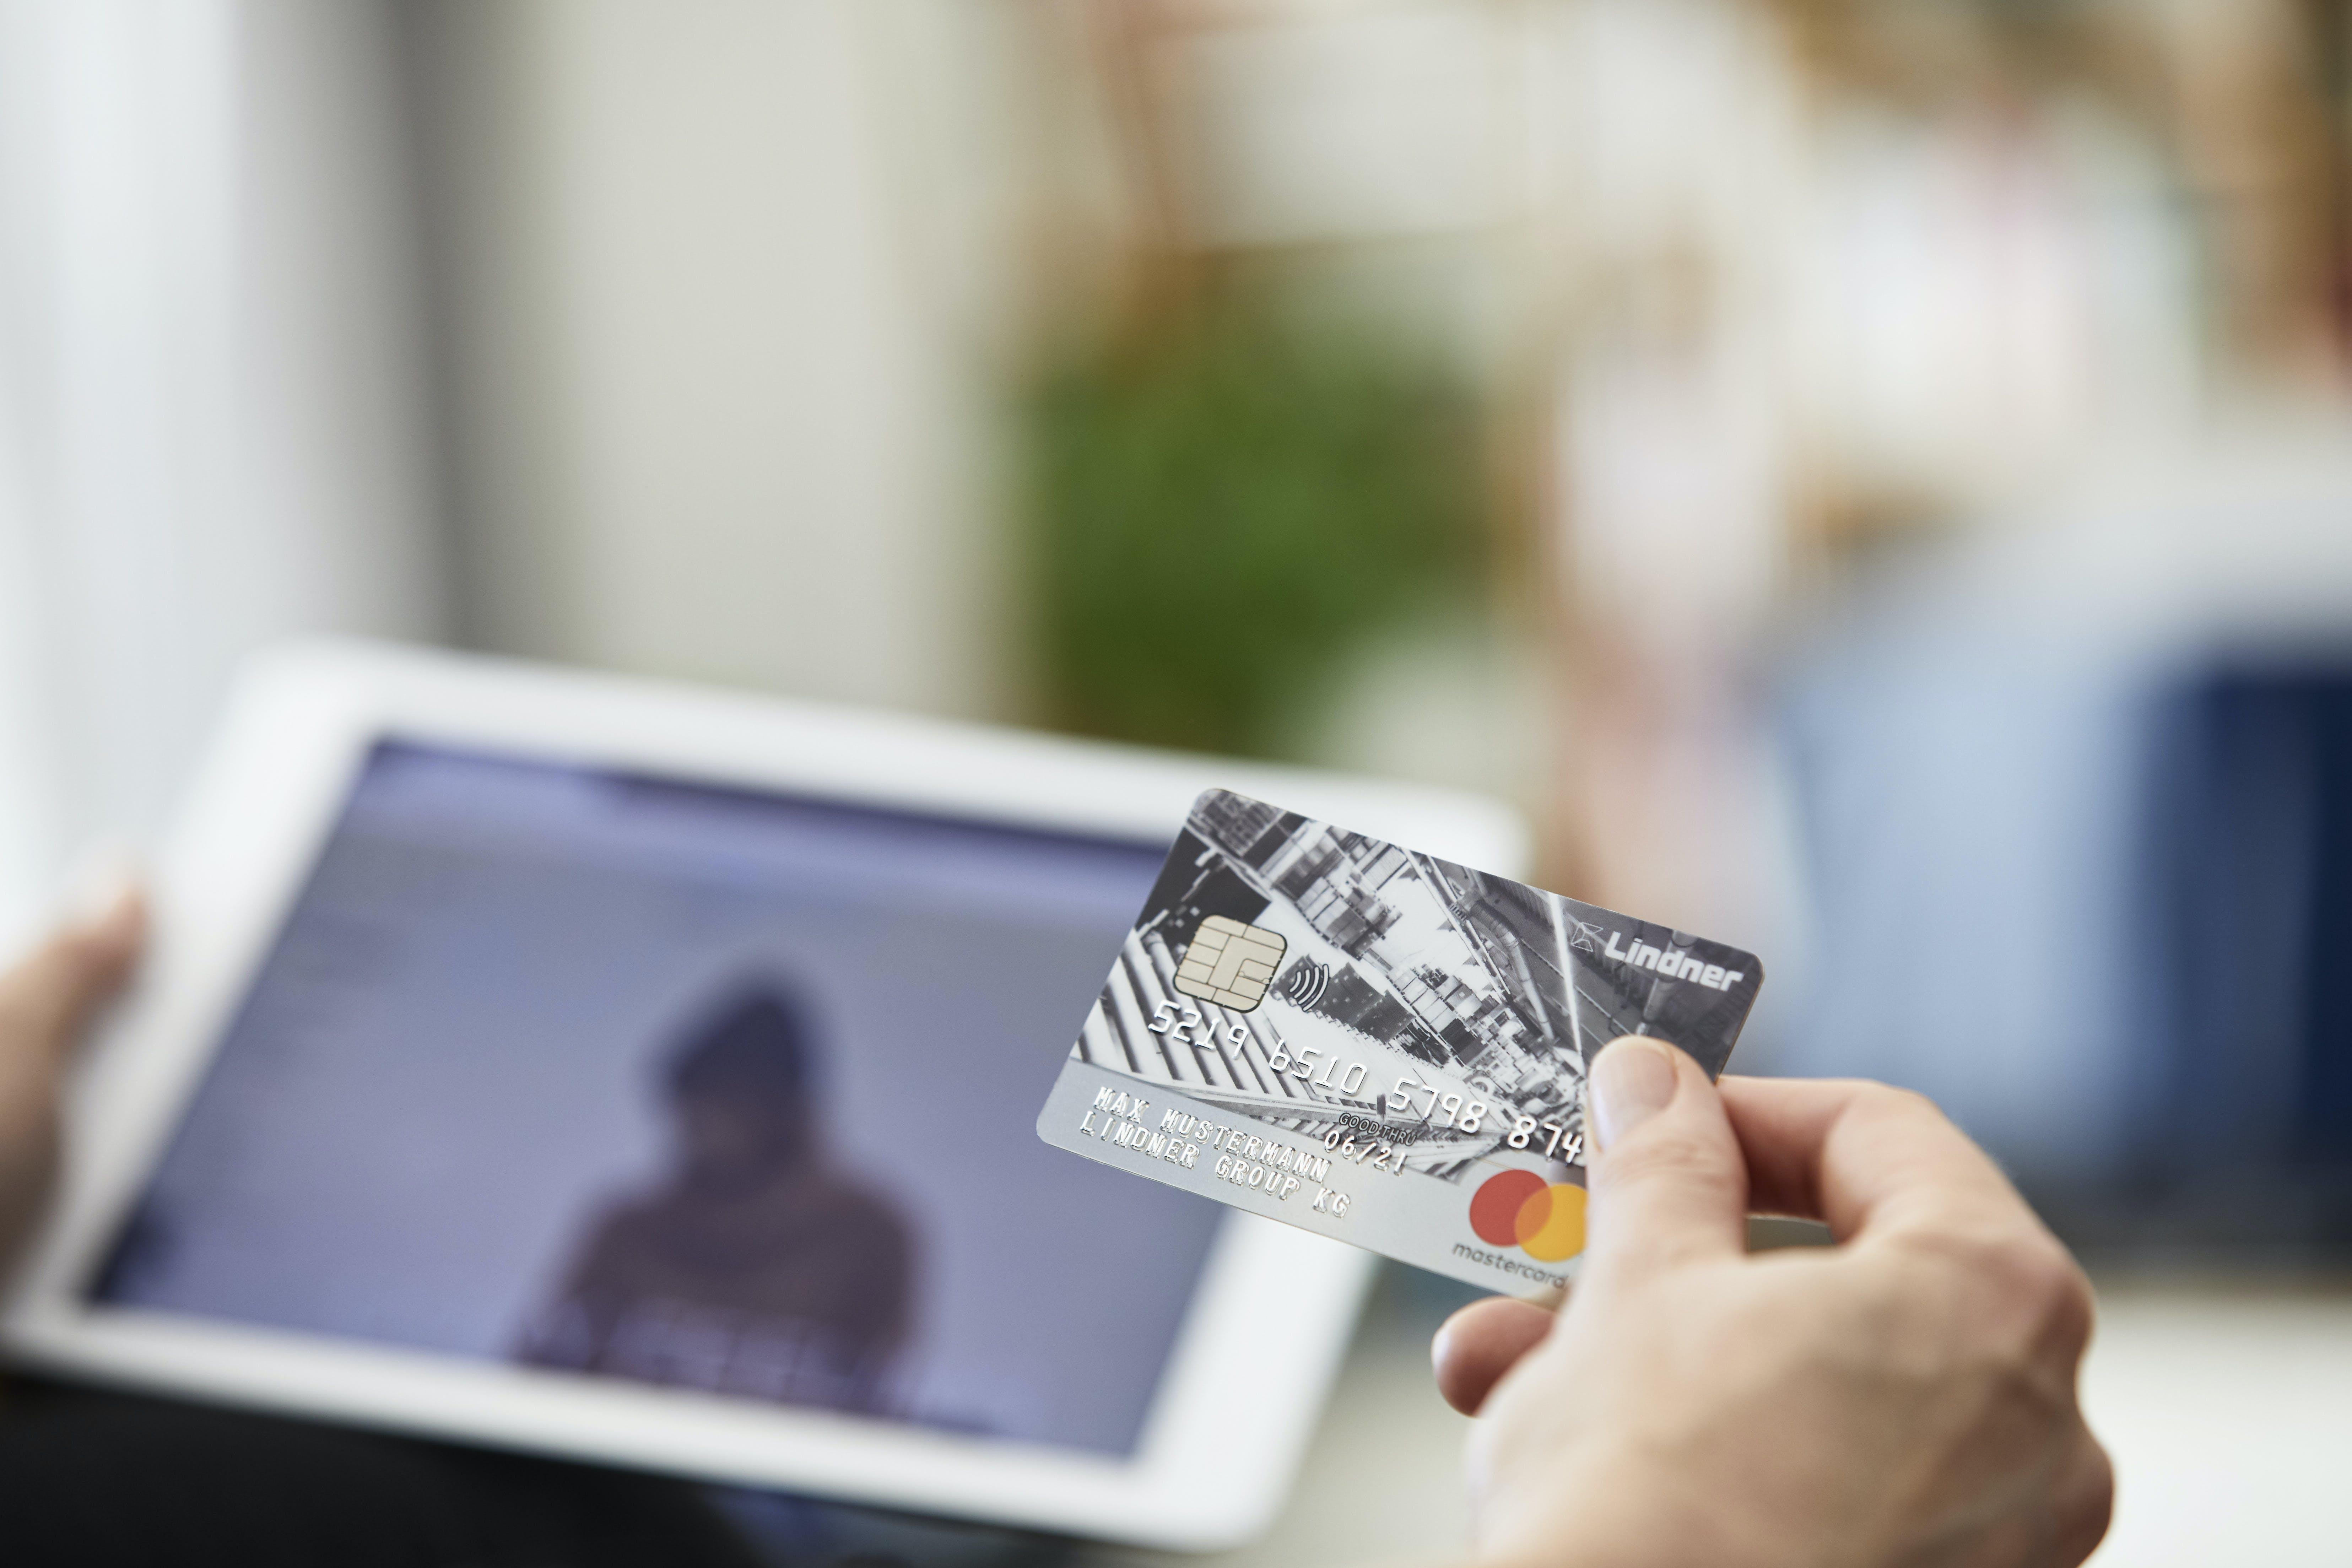 Neuer Gesetzentwurf löst Panik bei Kreditkarten-Fintechs aus